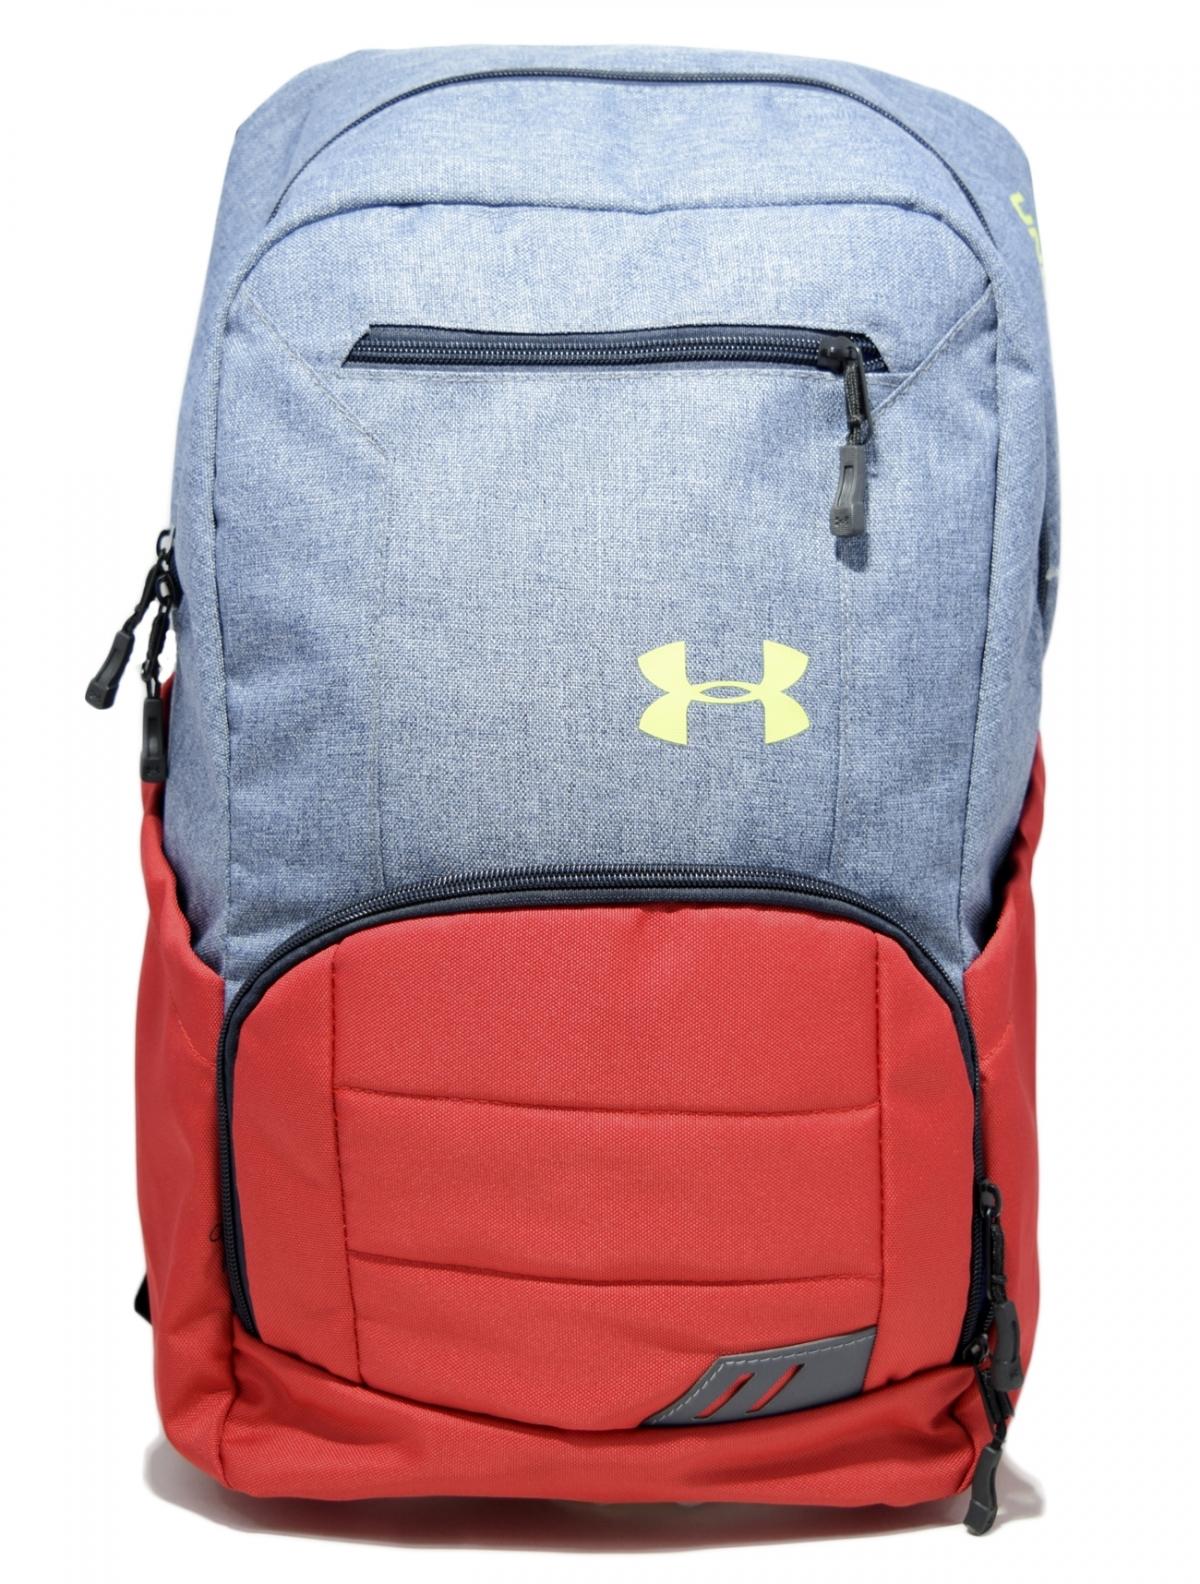 Рюкзак 0460 рюкзак синий,